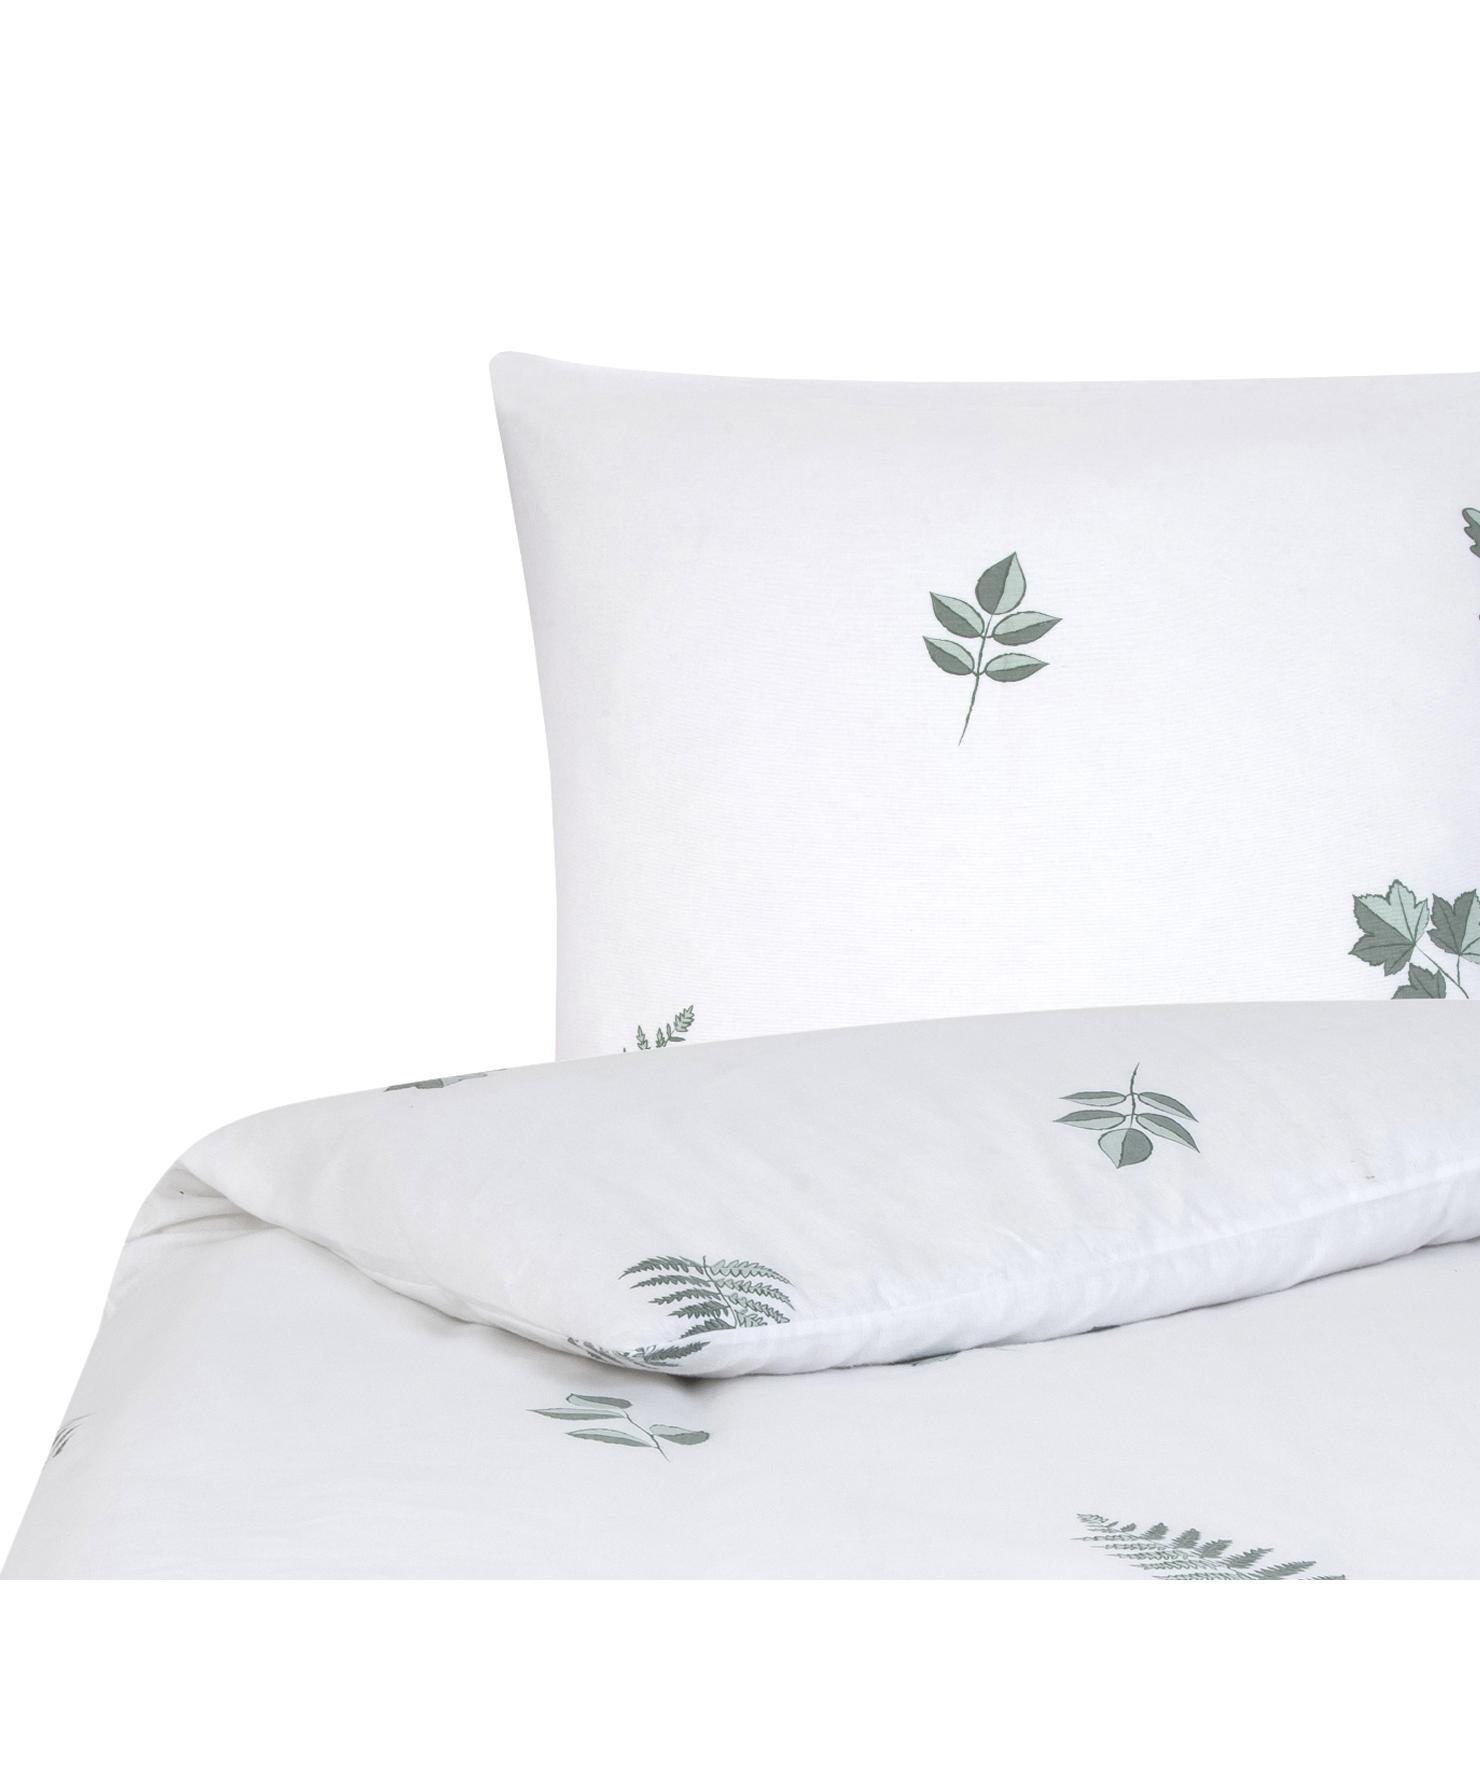 Flanell-Bettwäsche Fraser mit winterlichem Blattmuster, Webart: Flanell Flanell ist ein s, Salbeigrün, Weiß, 135 x 200 cm + 1 Kissen 80 x 80 cm